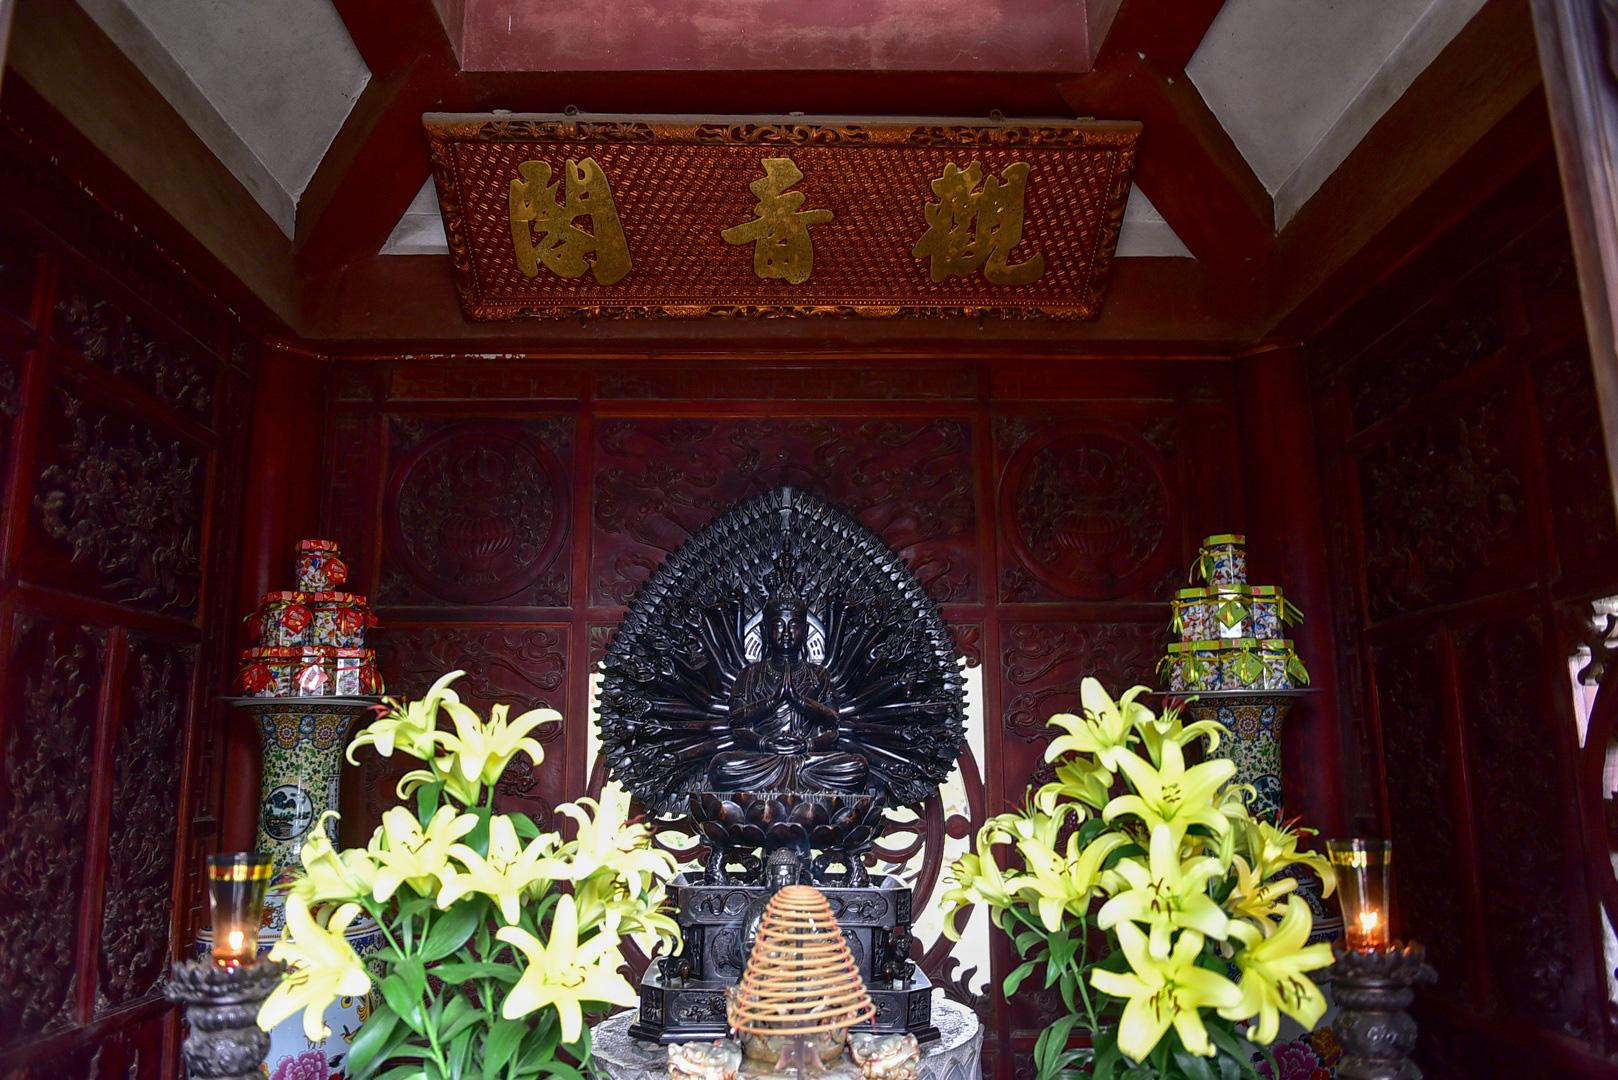 Tượng Phật từ đá quý nguyên khối trong ngôi chùa nghìn năm tuổi ở Hà Nội - Ảnh 9.